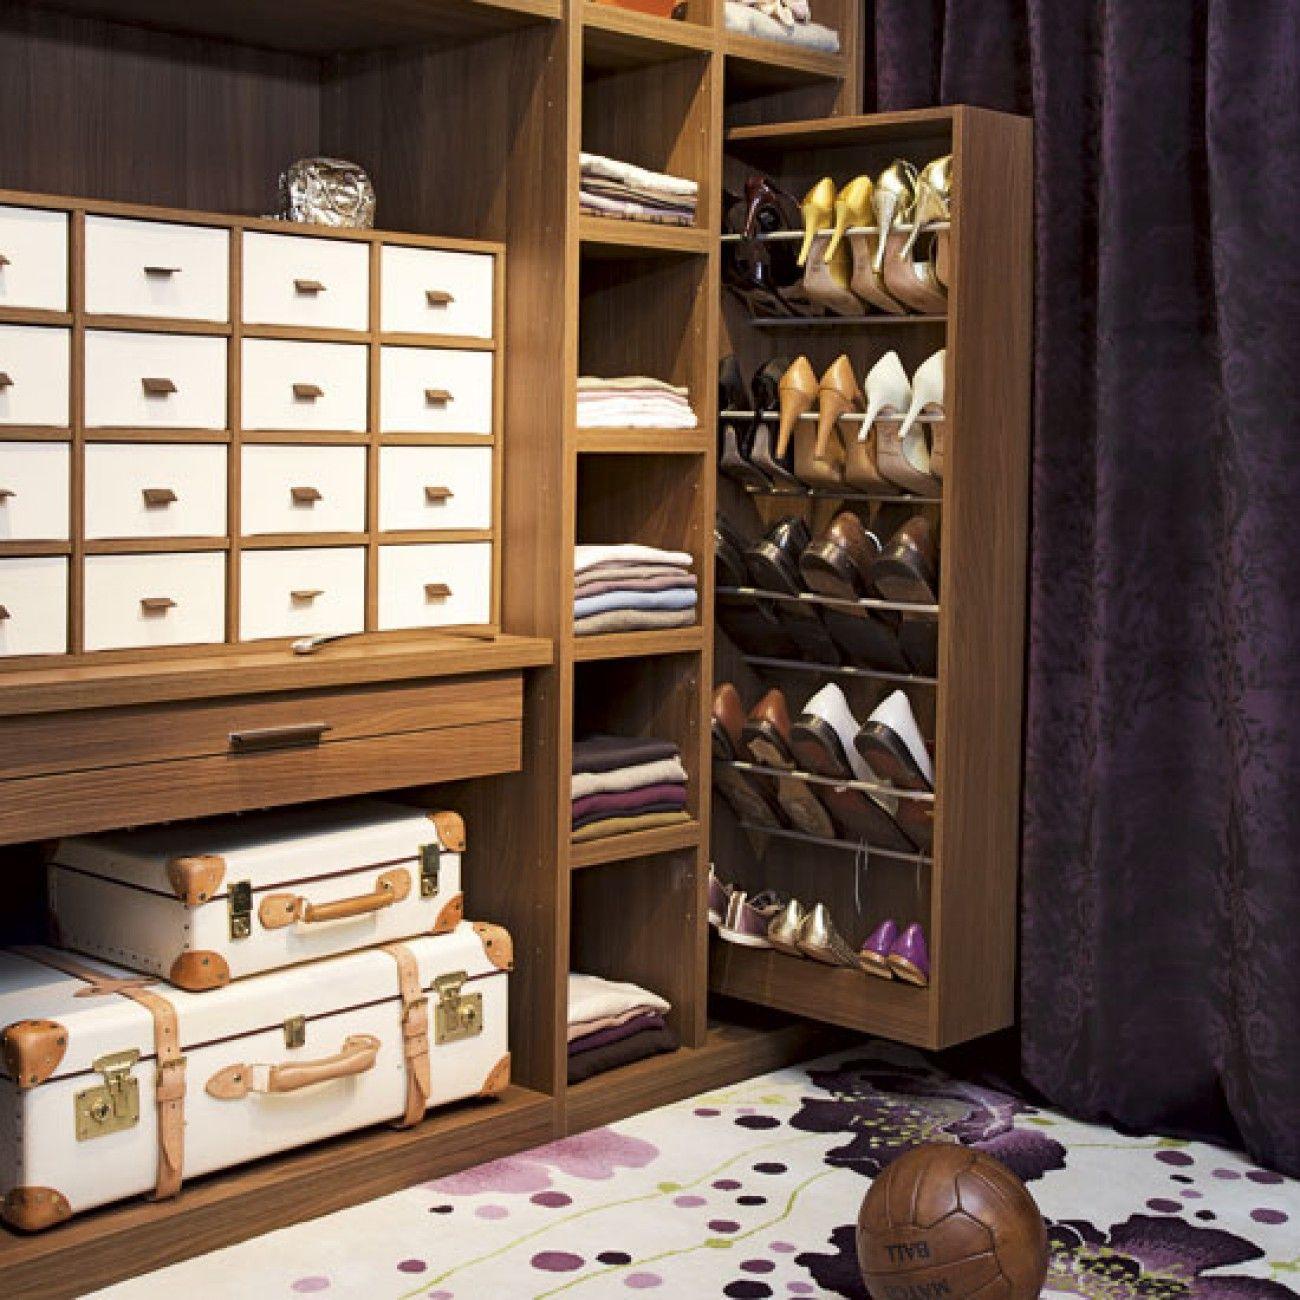 Mooie opbergruimte voor schoenen handig met al die laatjes waar je